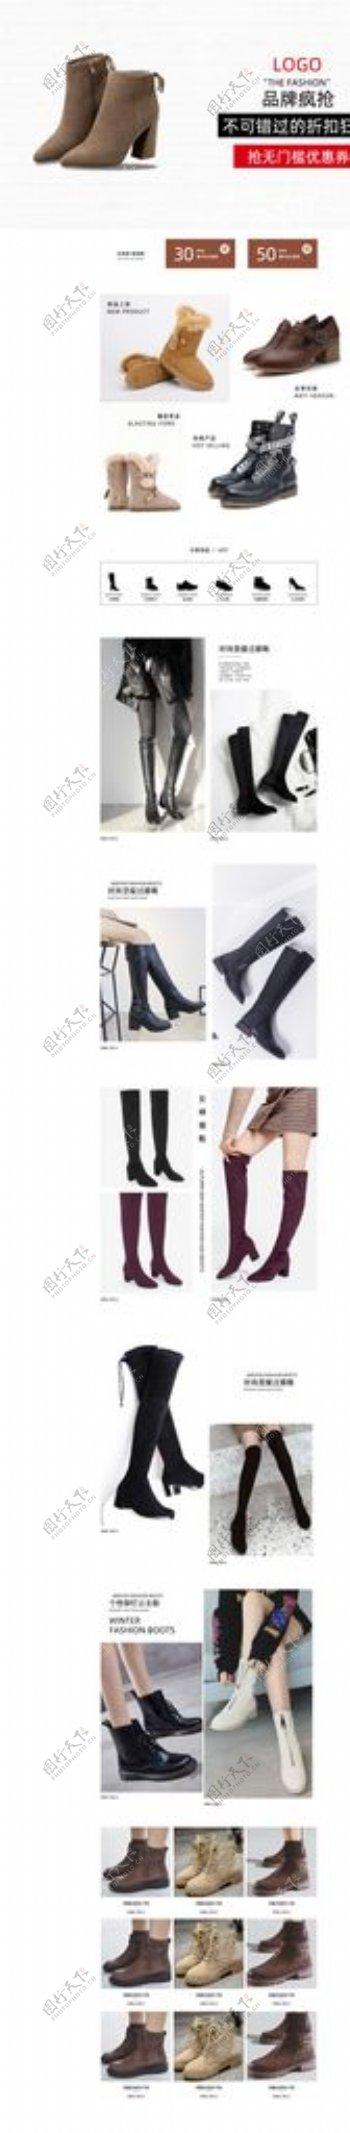 女鞋促销活动页面设计图片